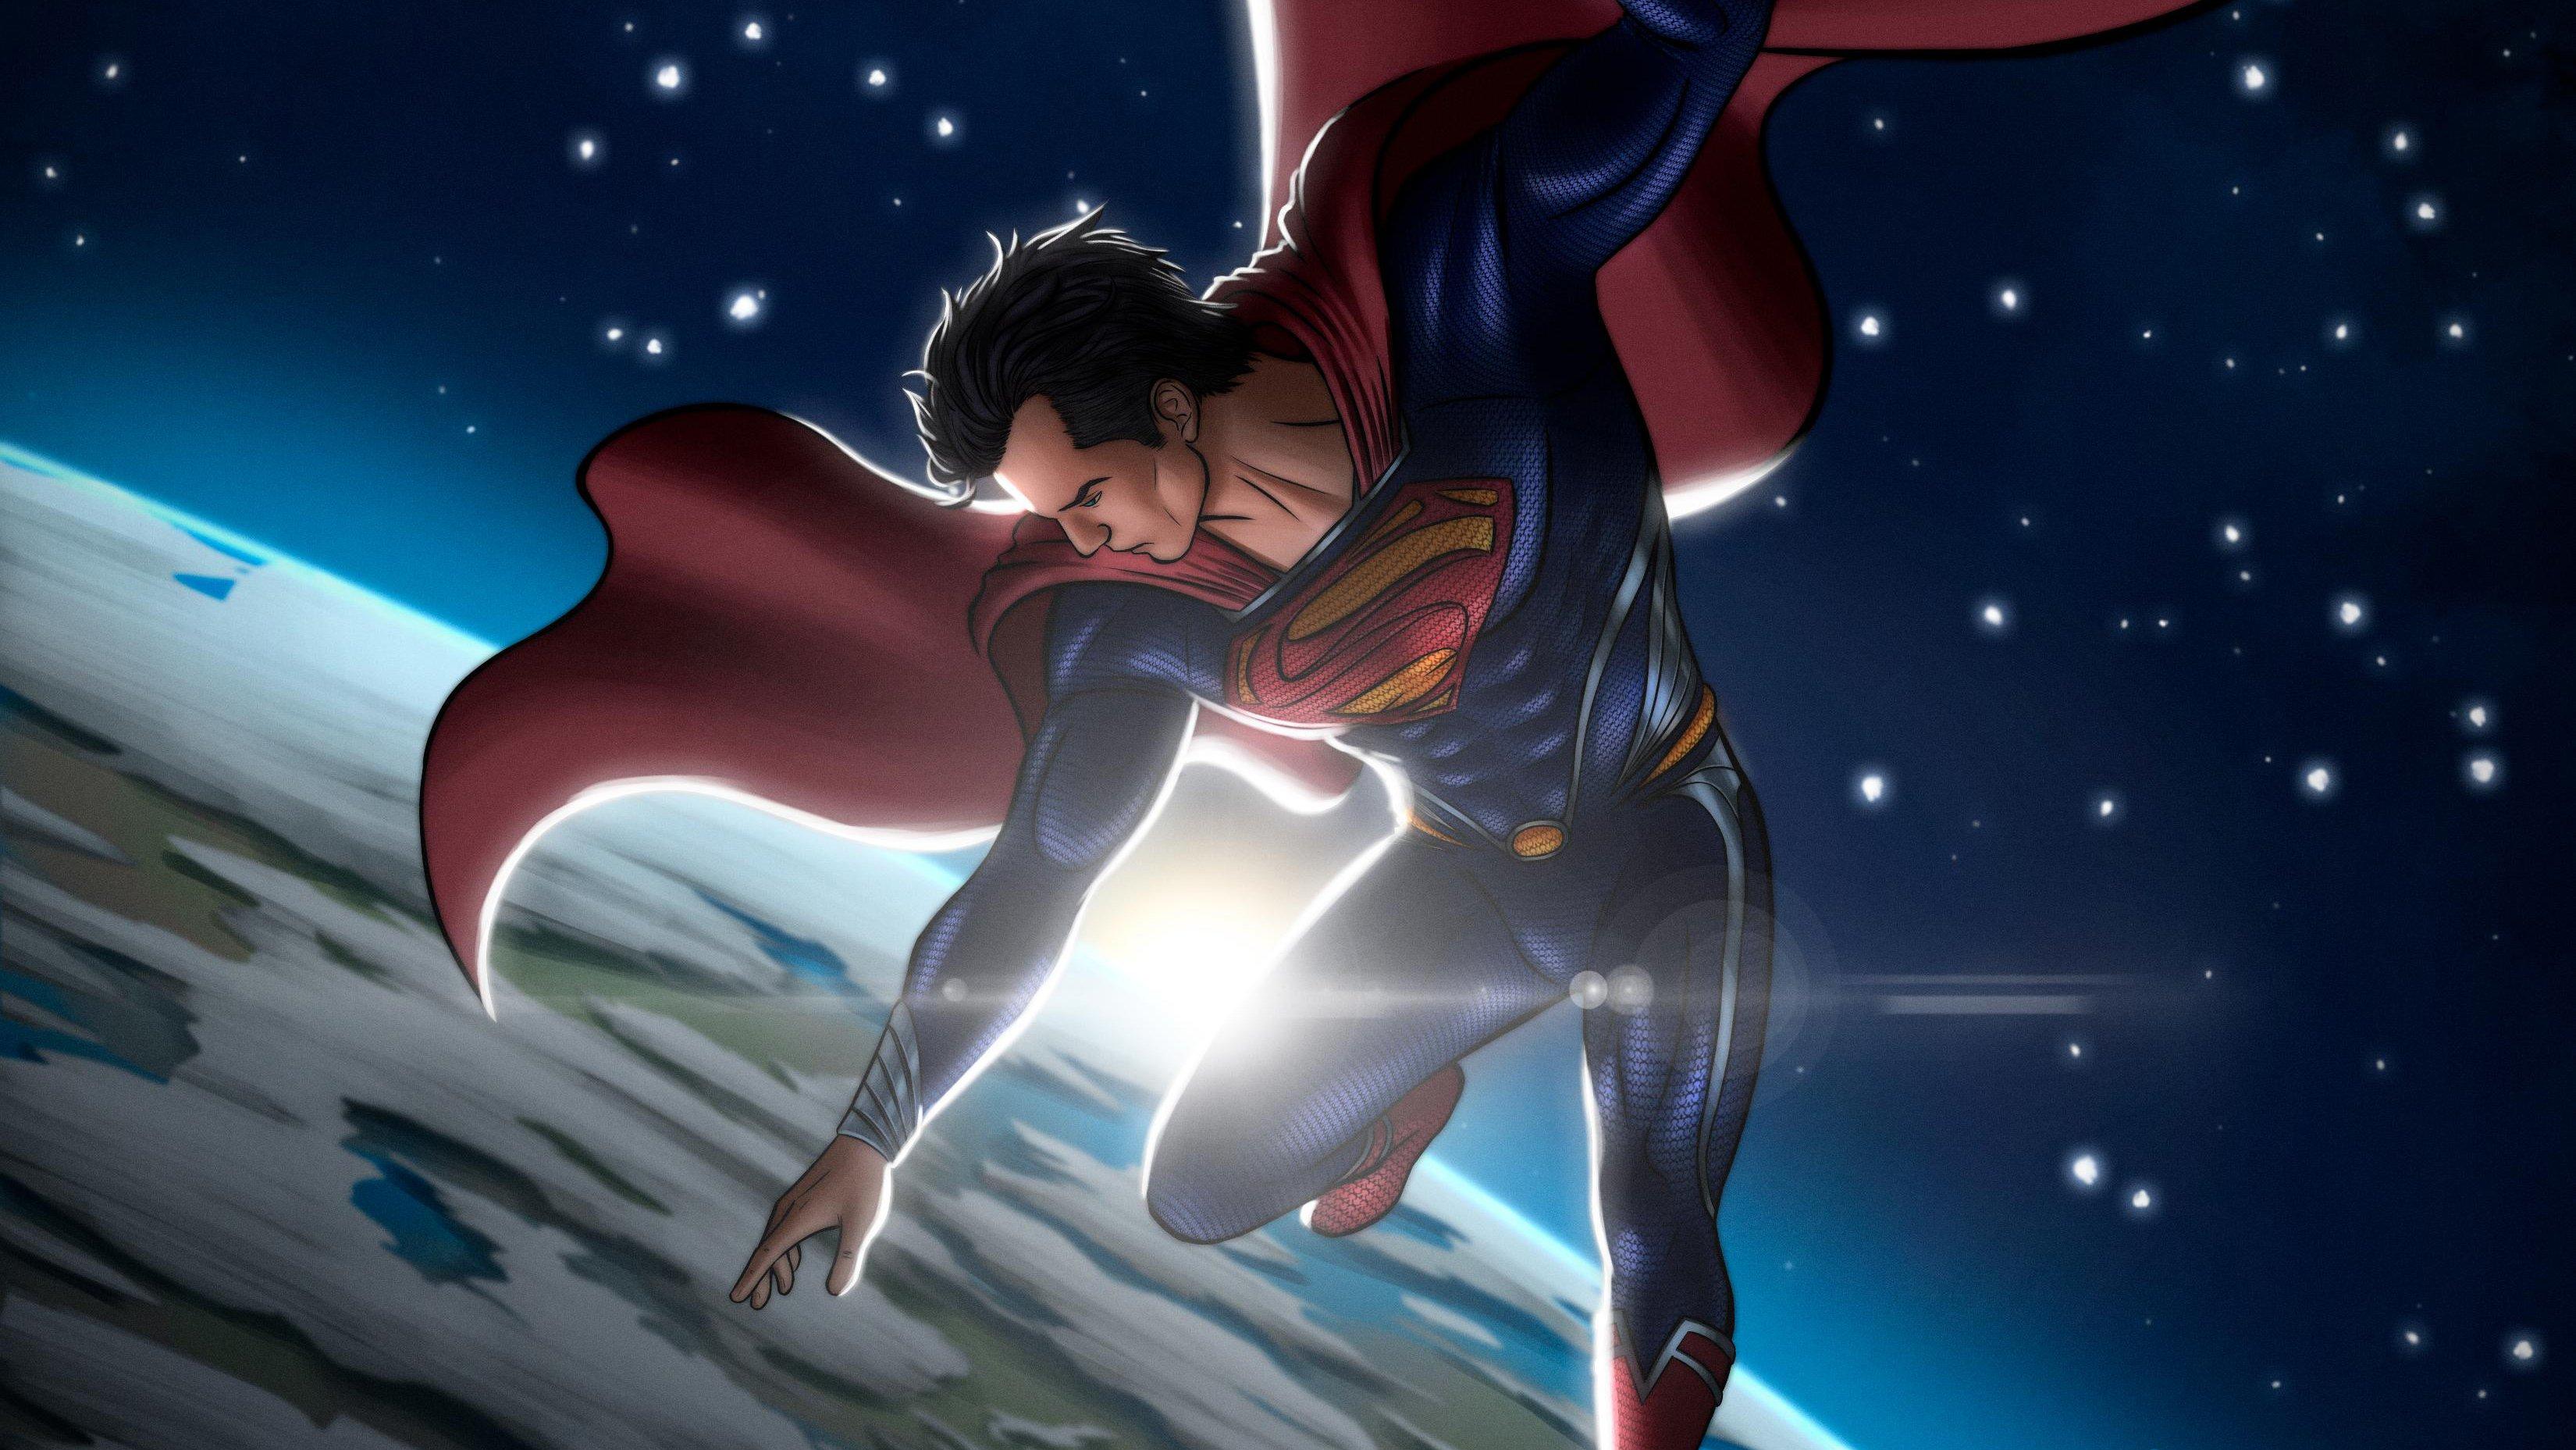 Fondos de pantalla Superman en el espacio